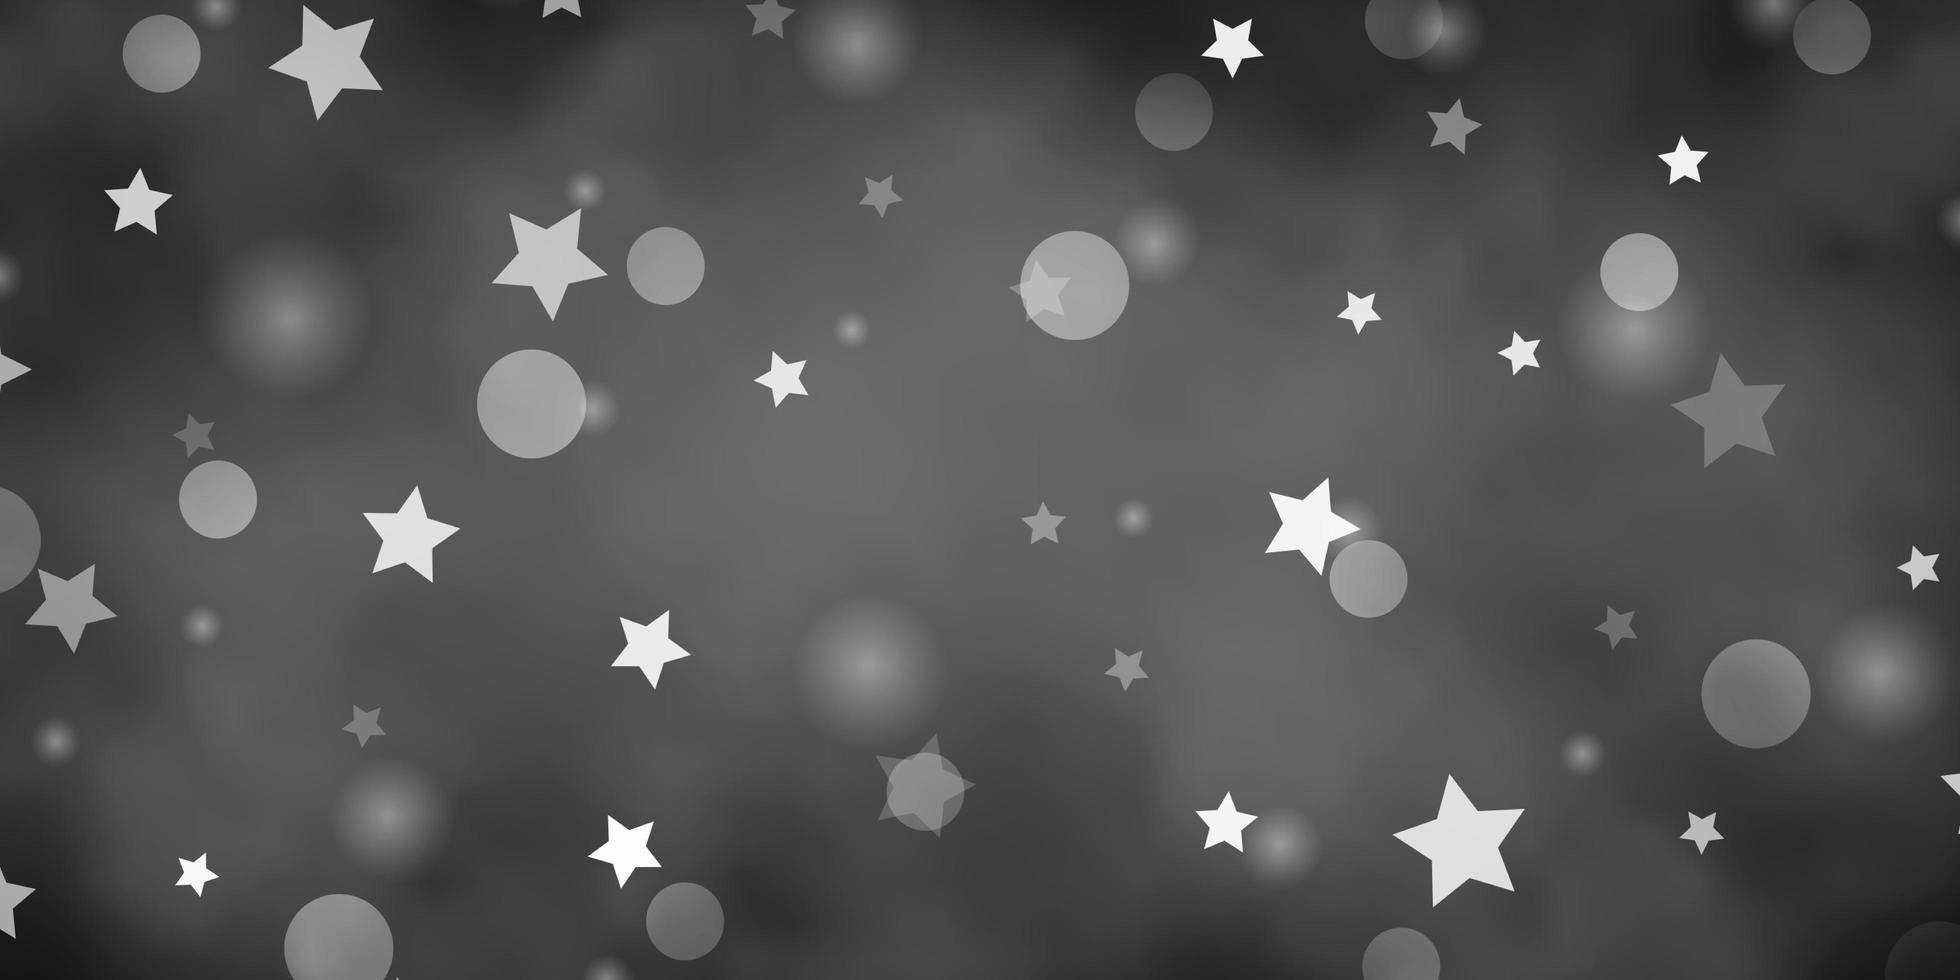 texture de vecteur gris clair avec des cercles, des étoiles.